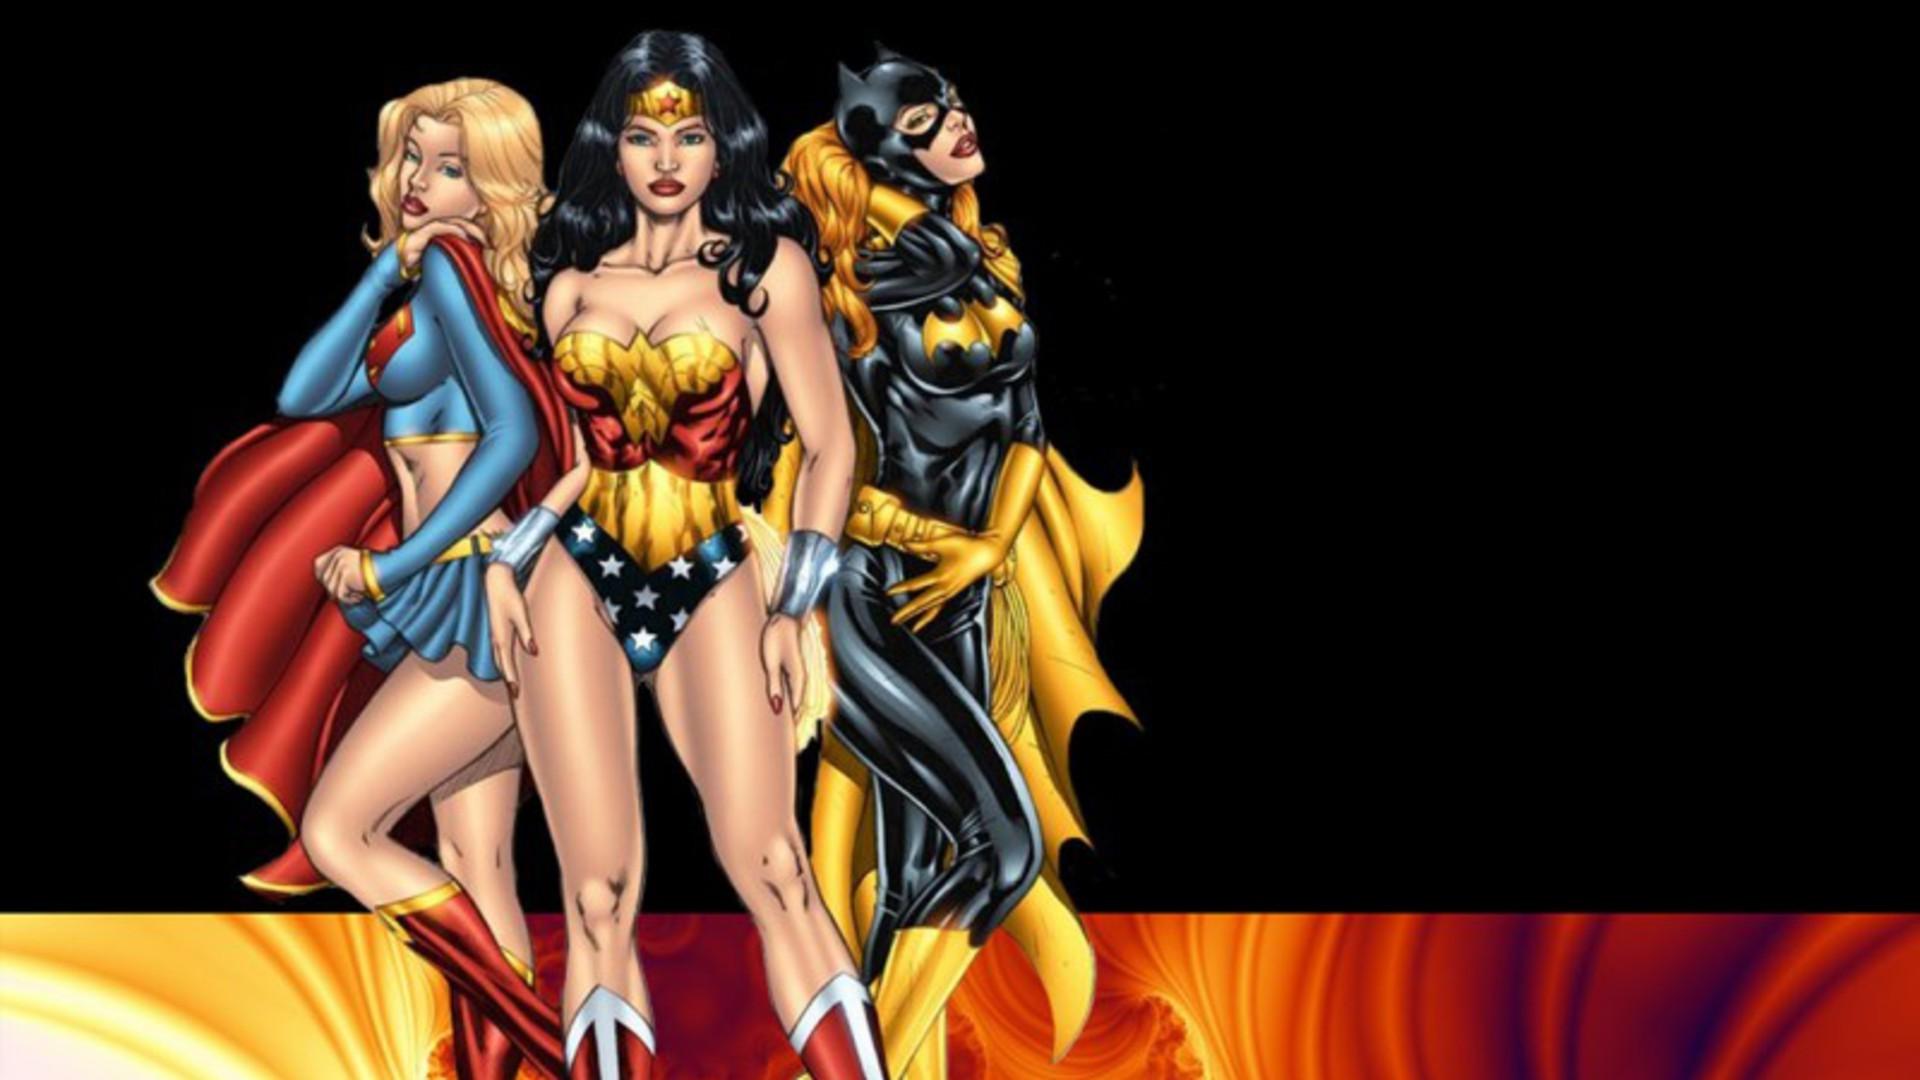 Wallpaper 1920x1080 Px Batgirl Comics Sexy Supergirl